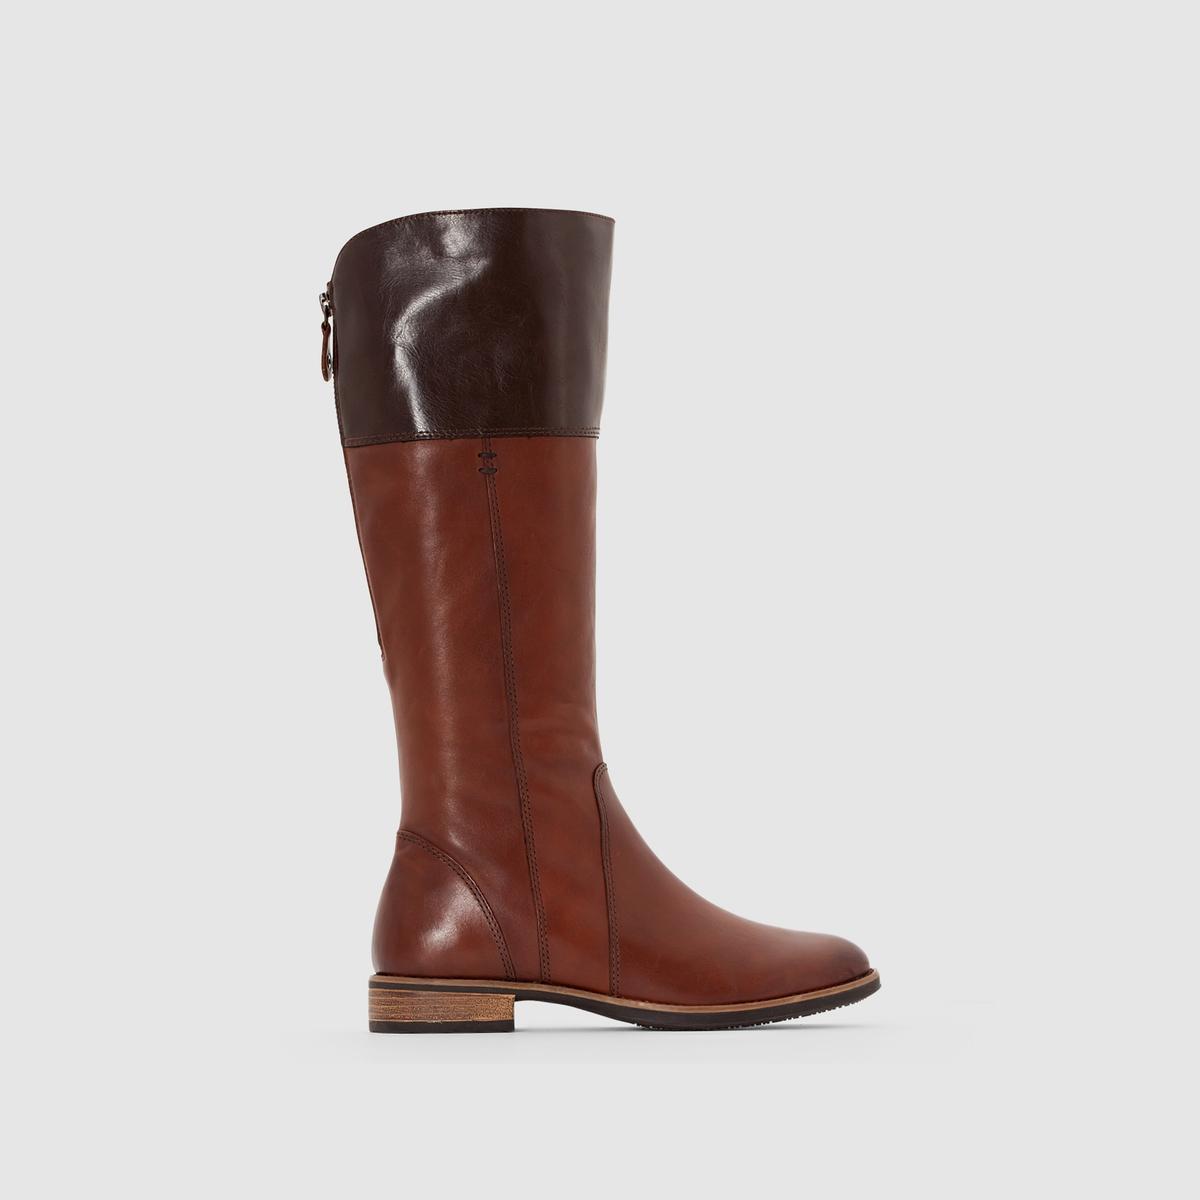 Сапоги из кожи, на молнииОтличные сапоги в современном дизайне, облегающие ноги и делающие их невероятно женственными : браво Tamaris !<br><br>Цвет: каштановый,черный<br>Размер: 38